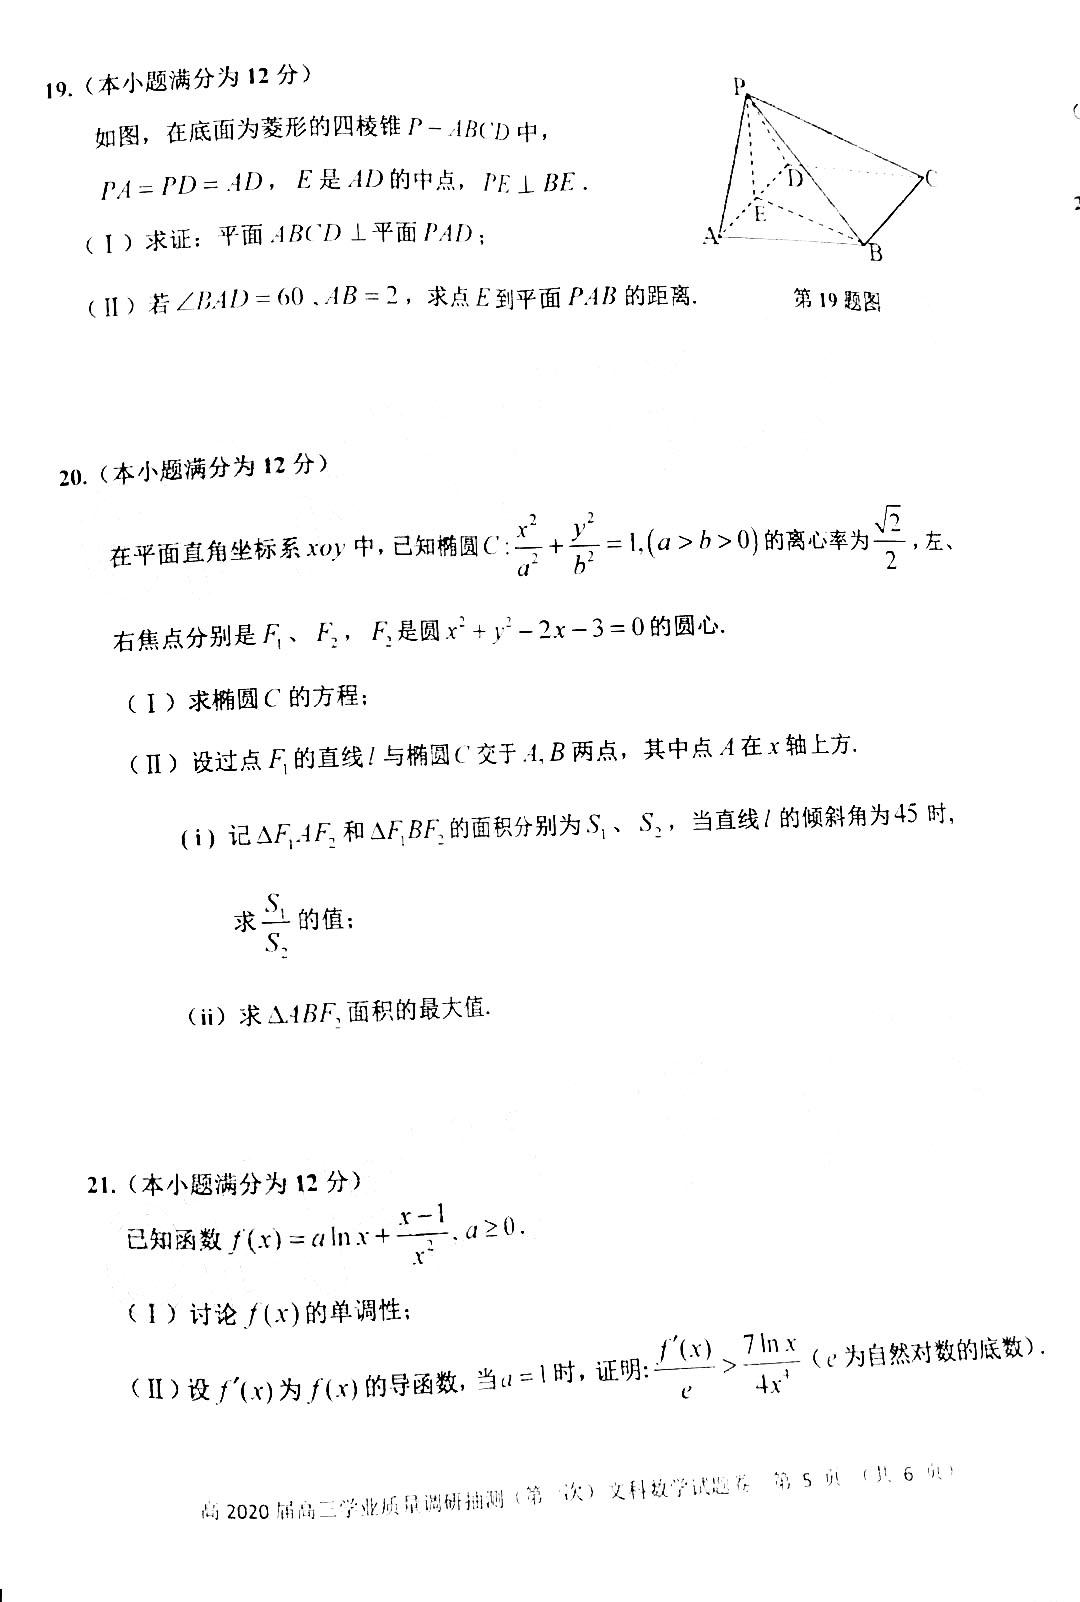 2020重庆一诊数学试卷答案